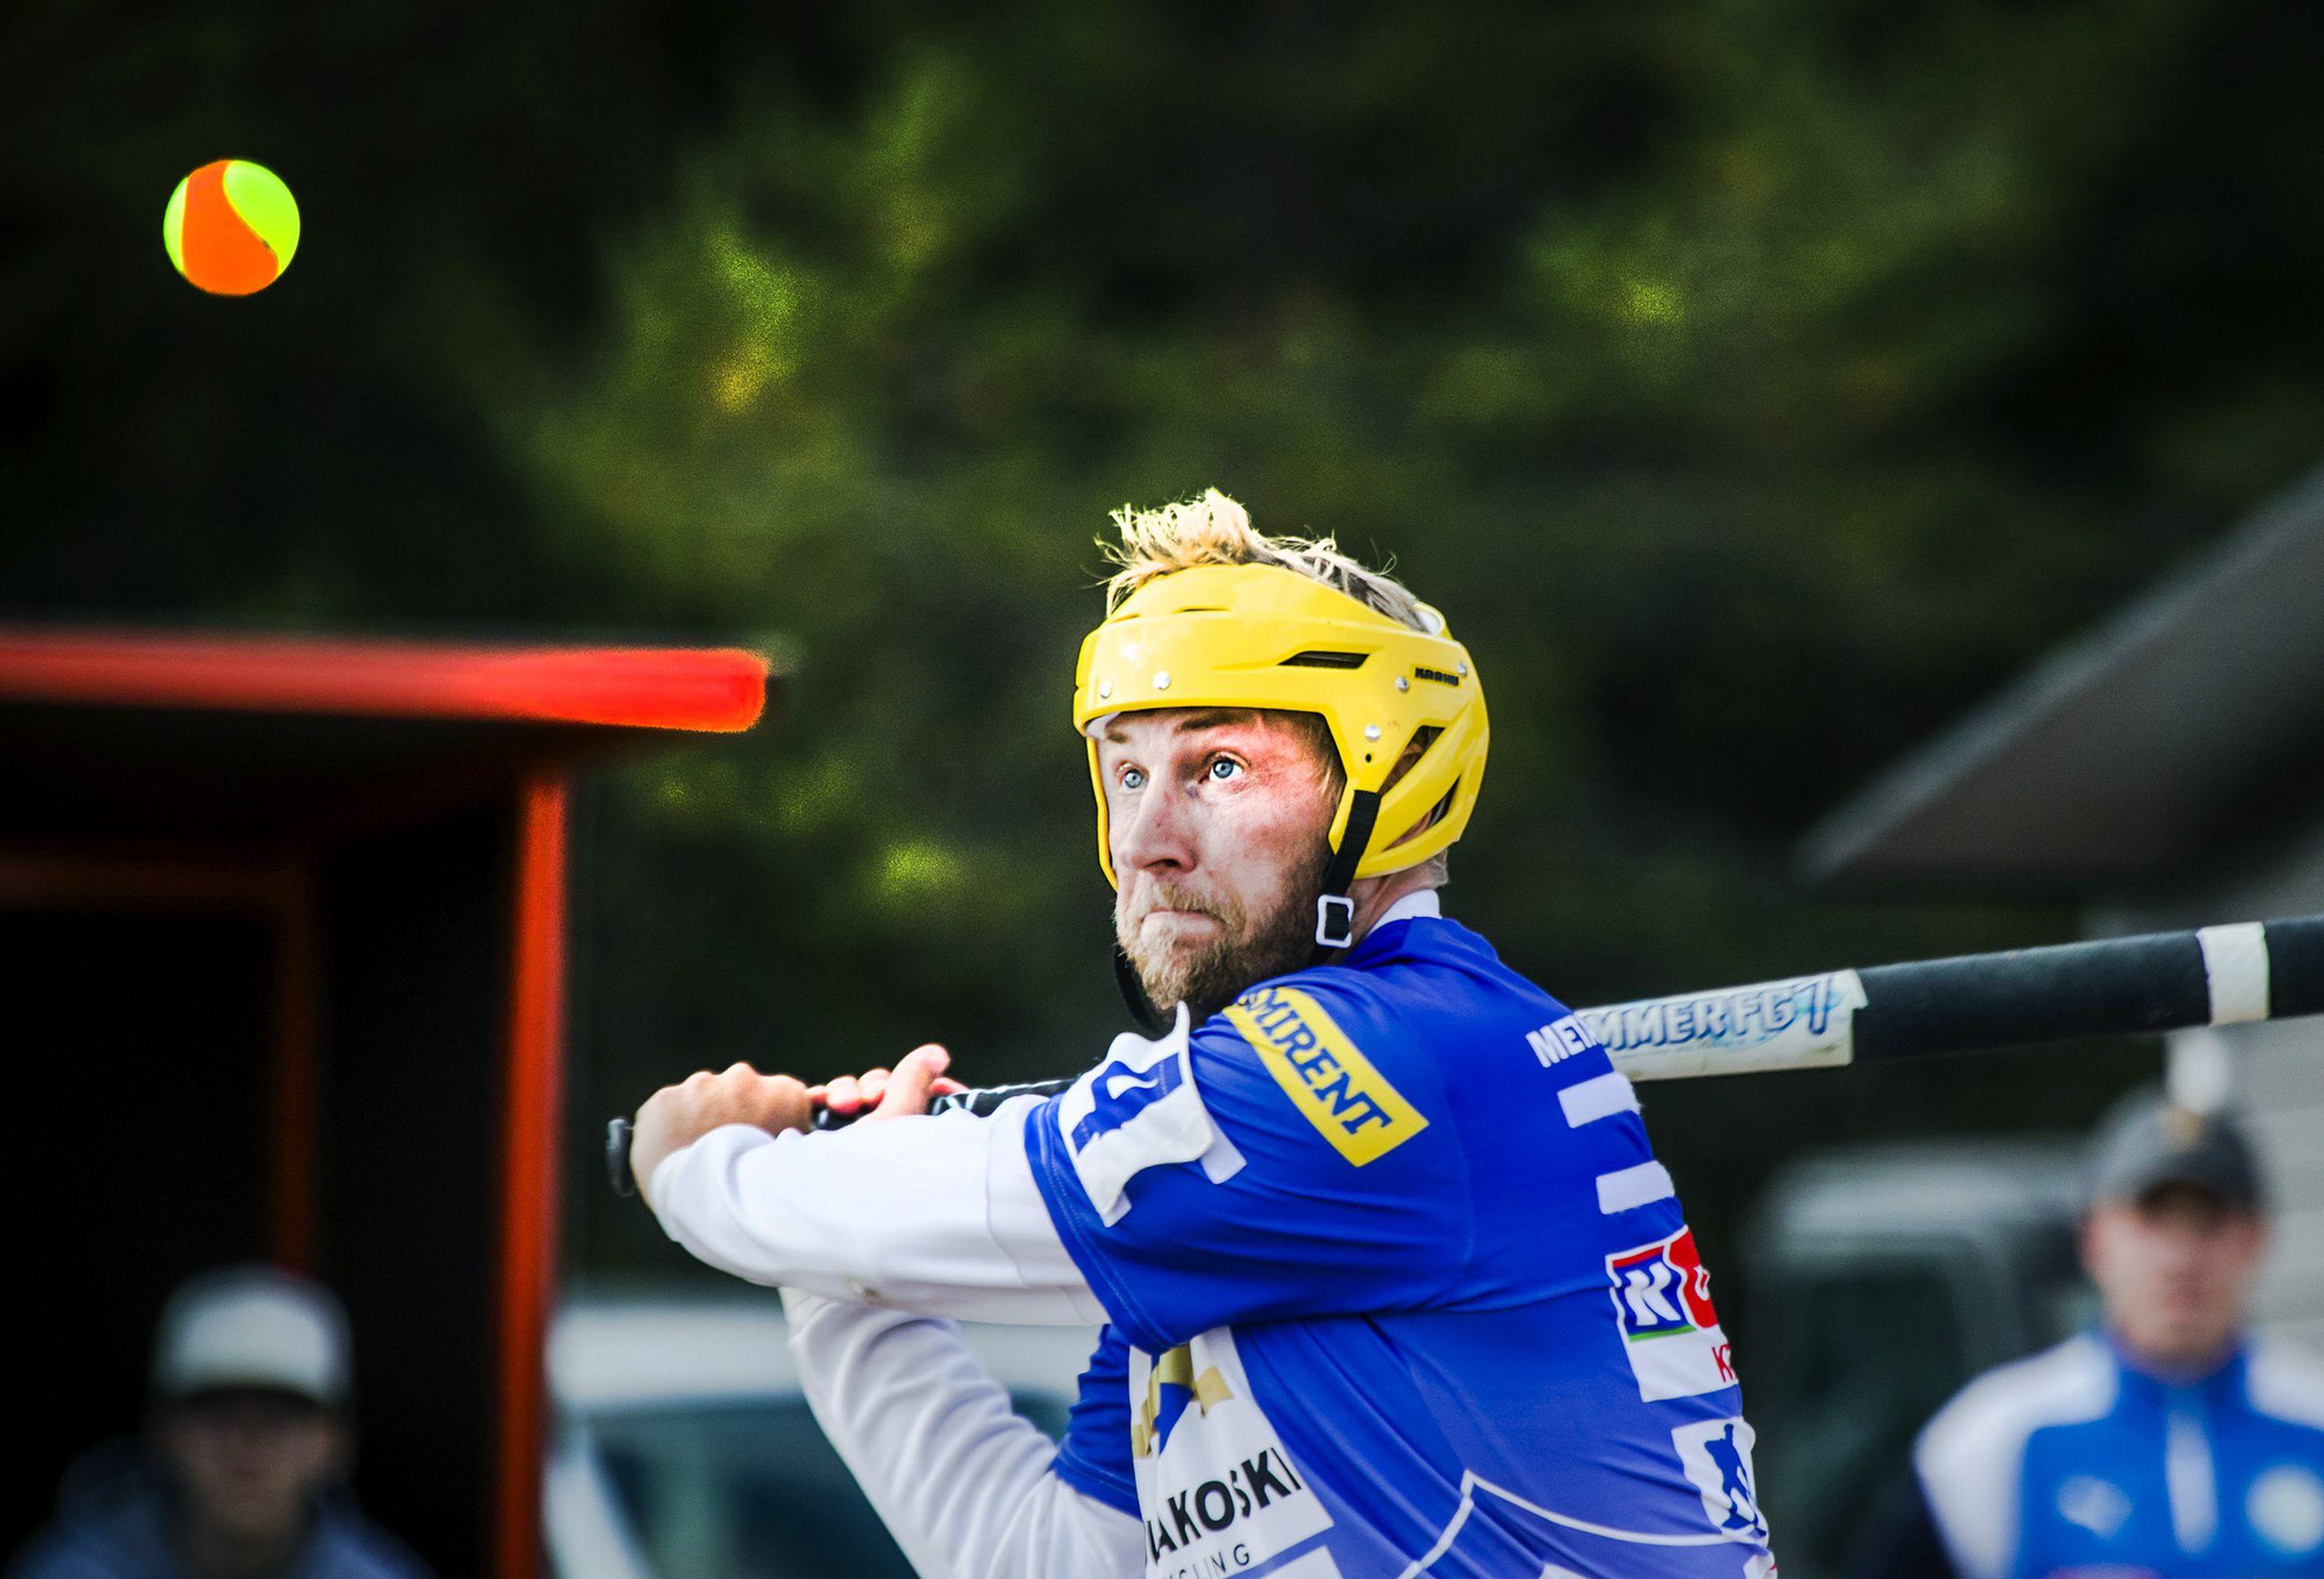 Antti Vihtkari